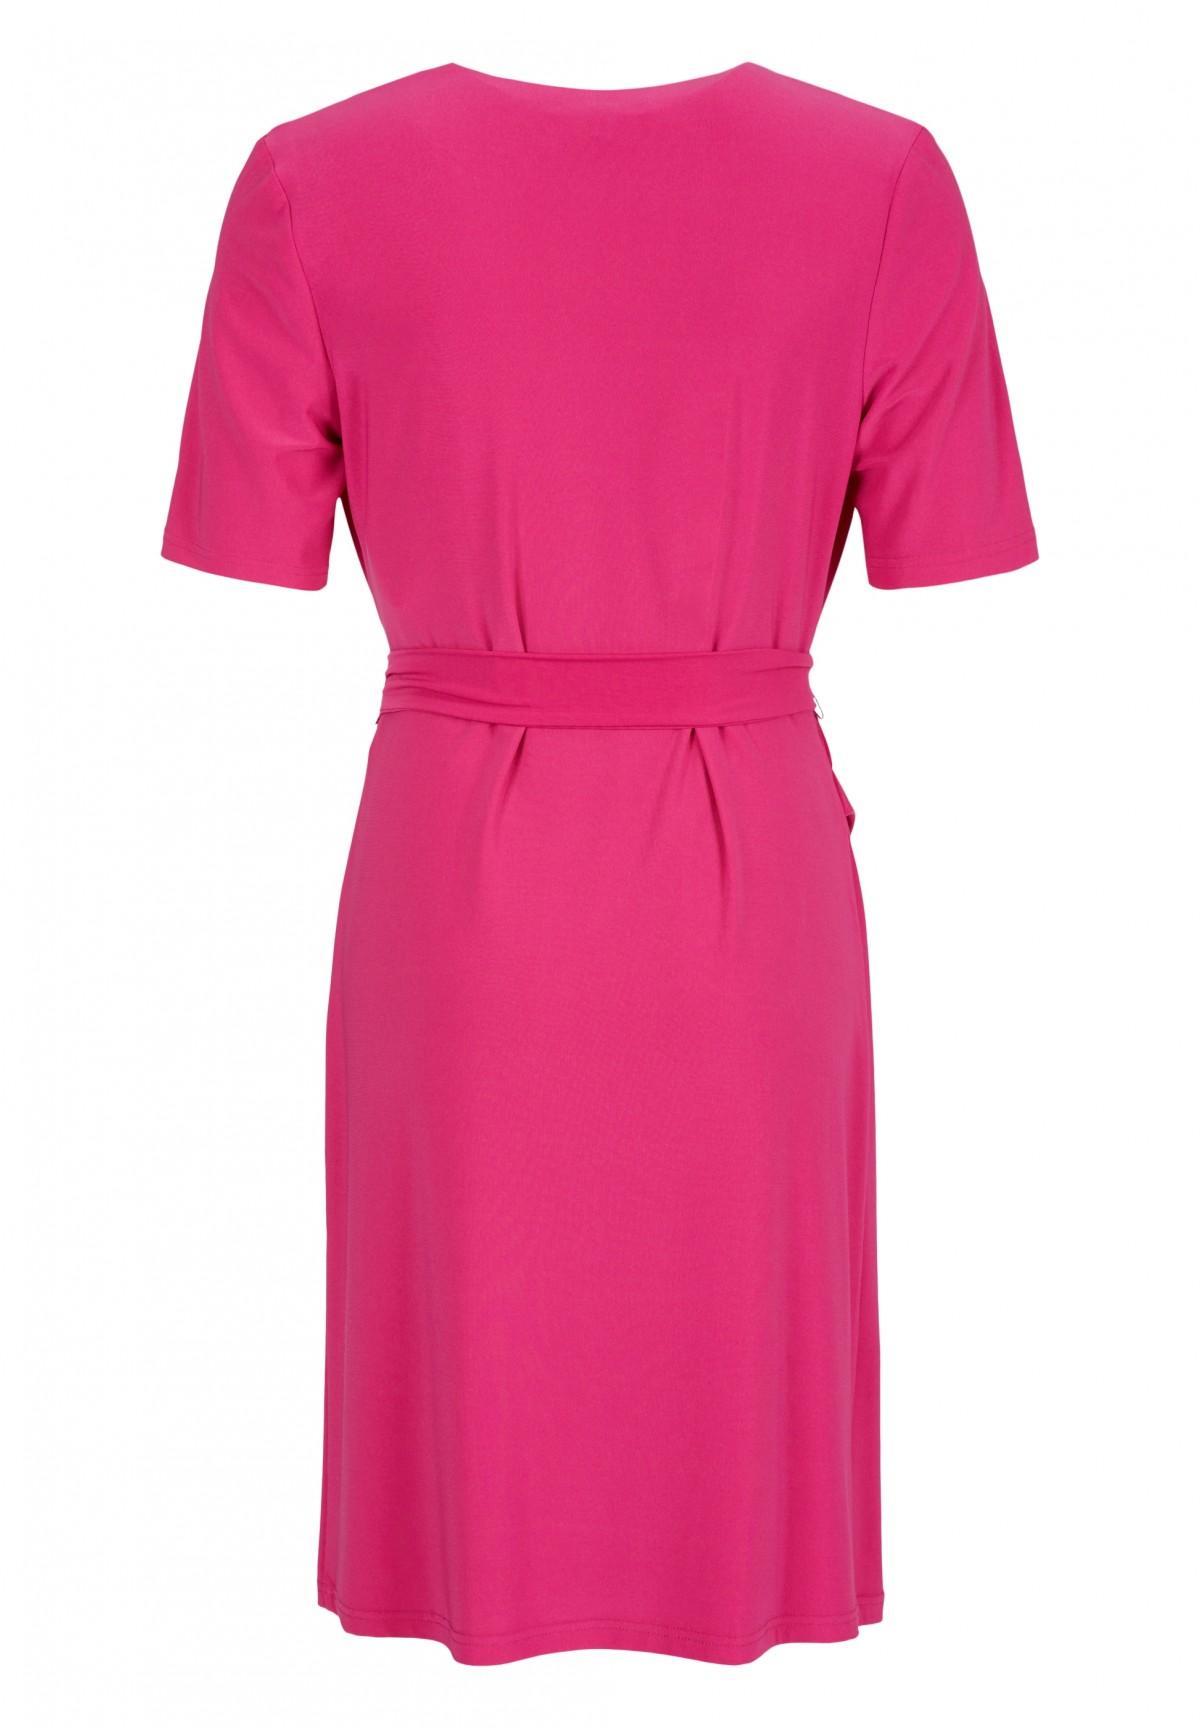 Feminines Kleid in Wickel-Optik / Feminines Kleid in Wickel-Optik